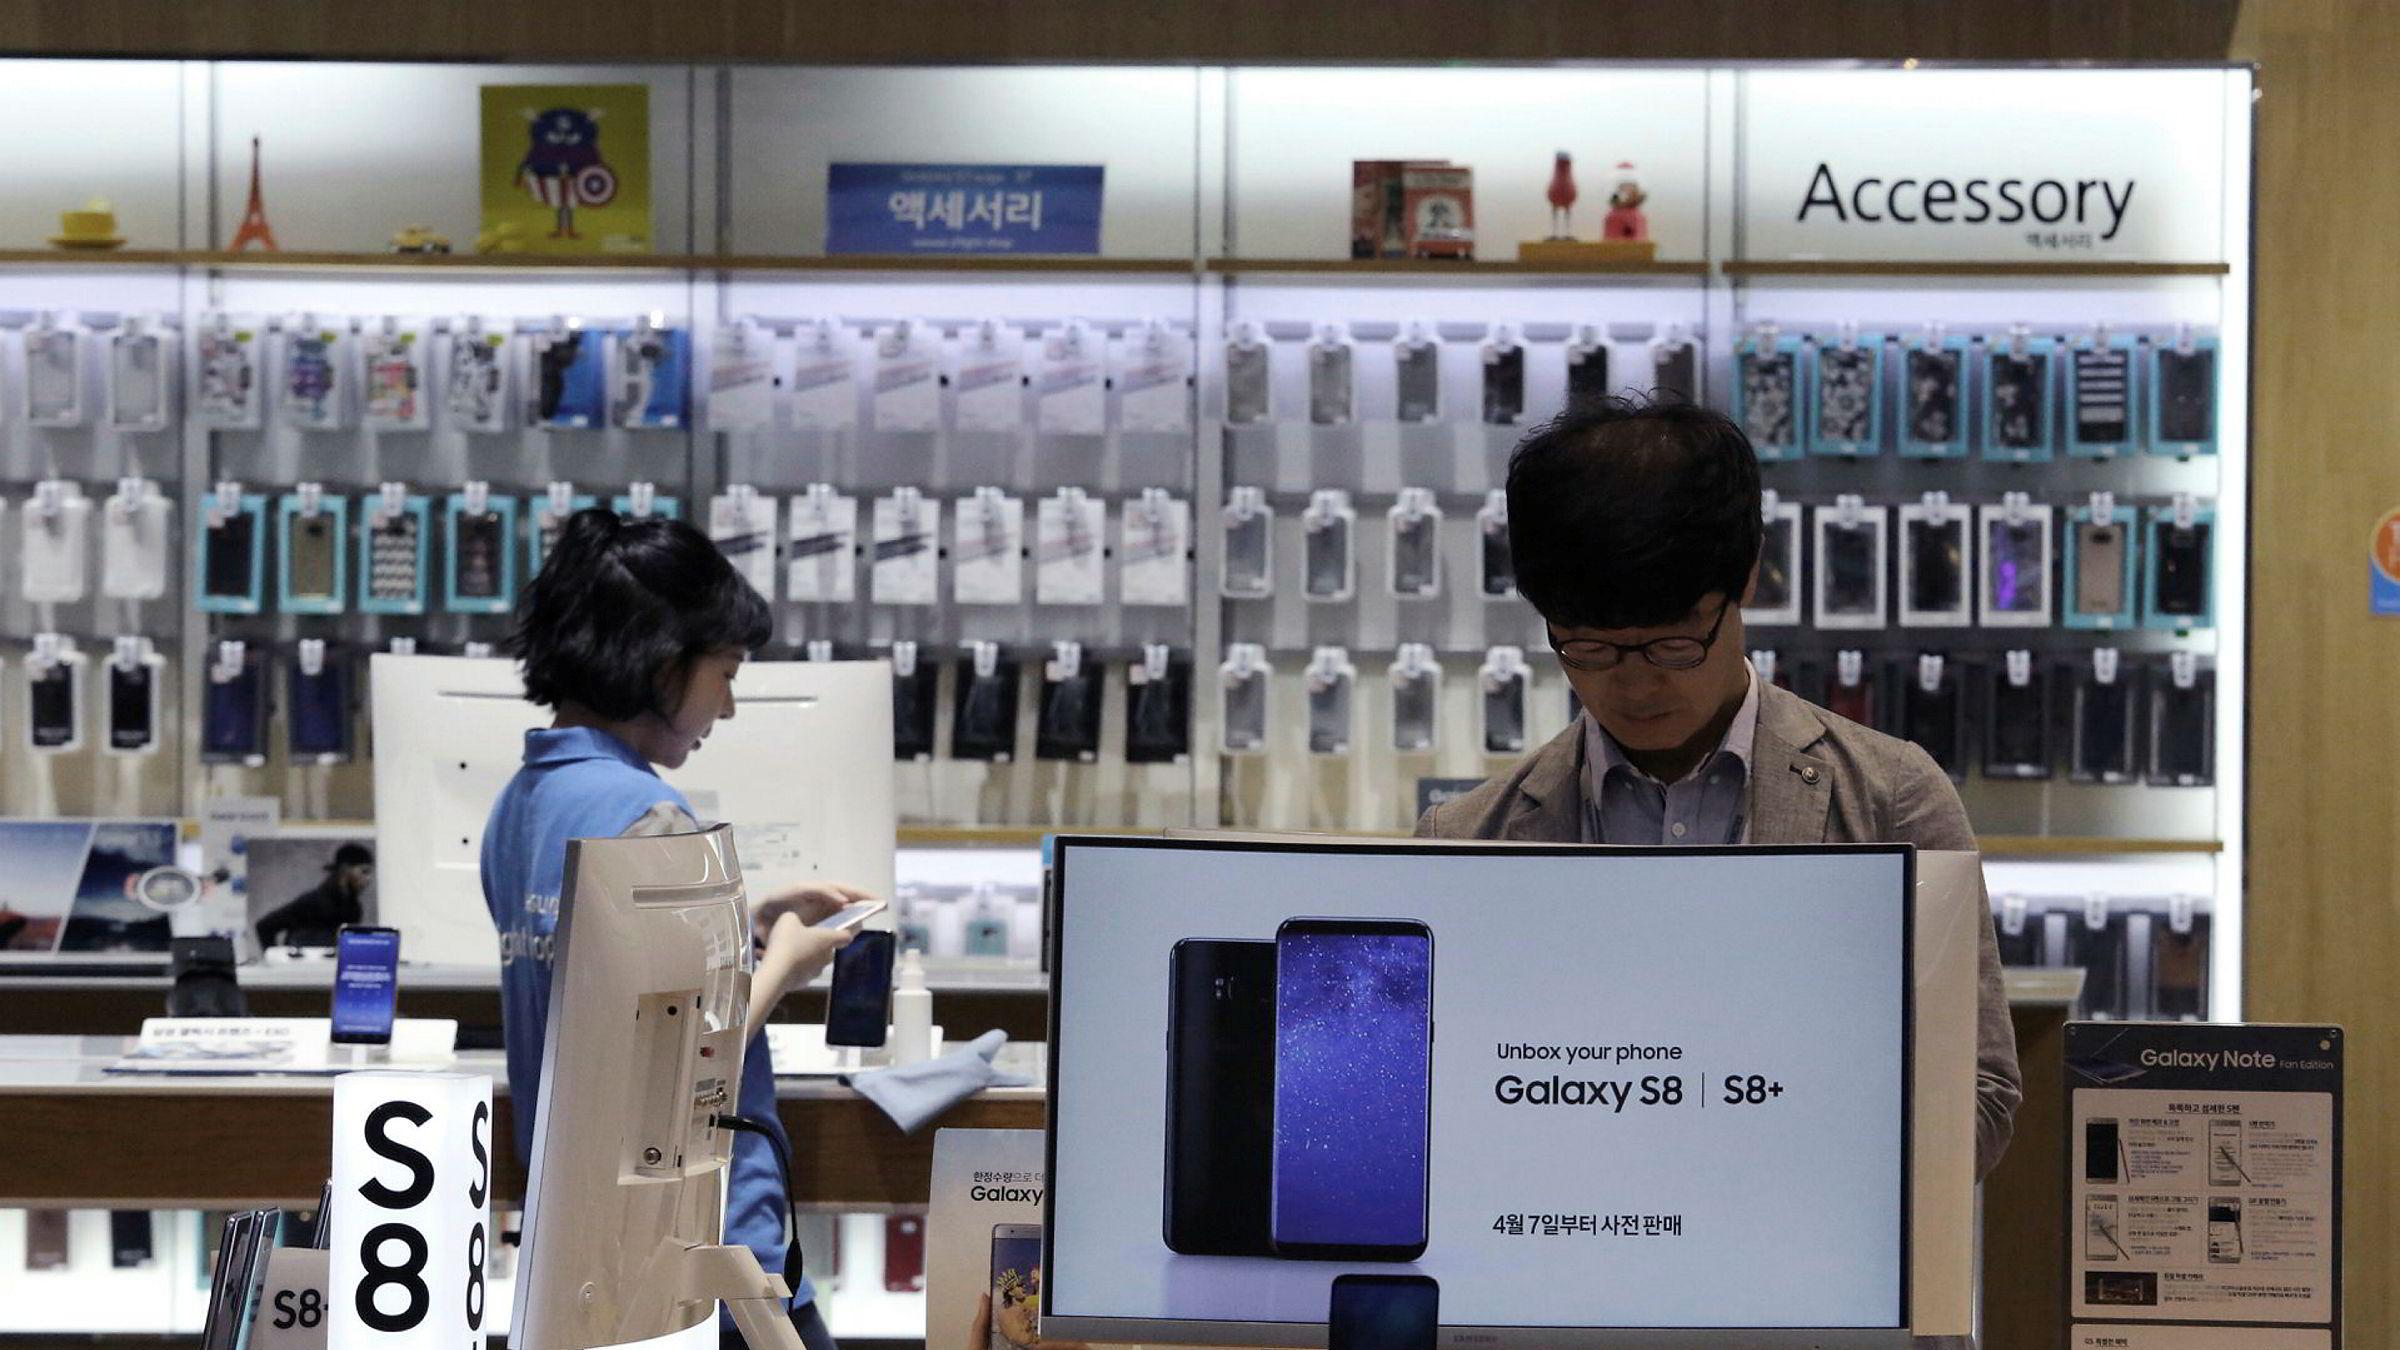 Samsung Electronics har lagt bak seg et rekordkvartal med nesten en dobling av resultatet. I Kina må de se seg slått av Huawei og lokale selskaper. Samsung leverer komponenter og dataminne til konkurrentenes modeller.